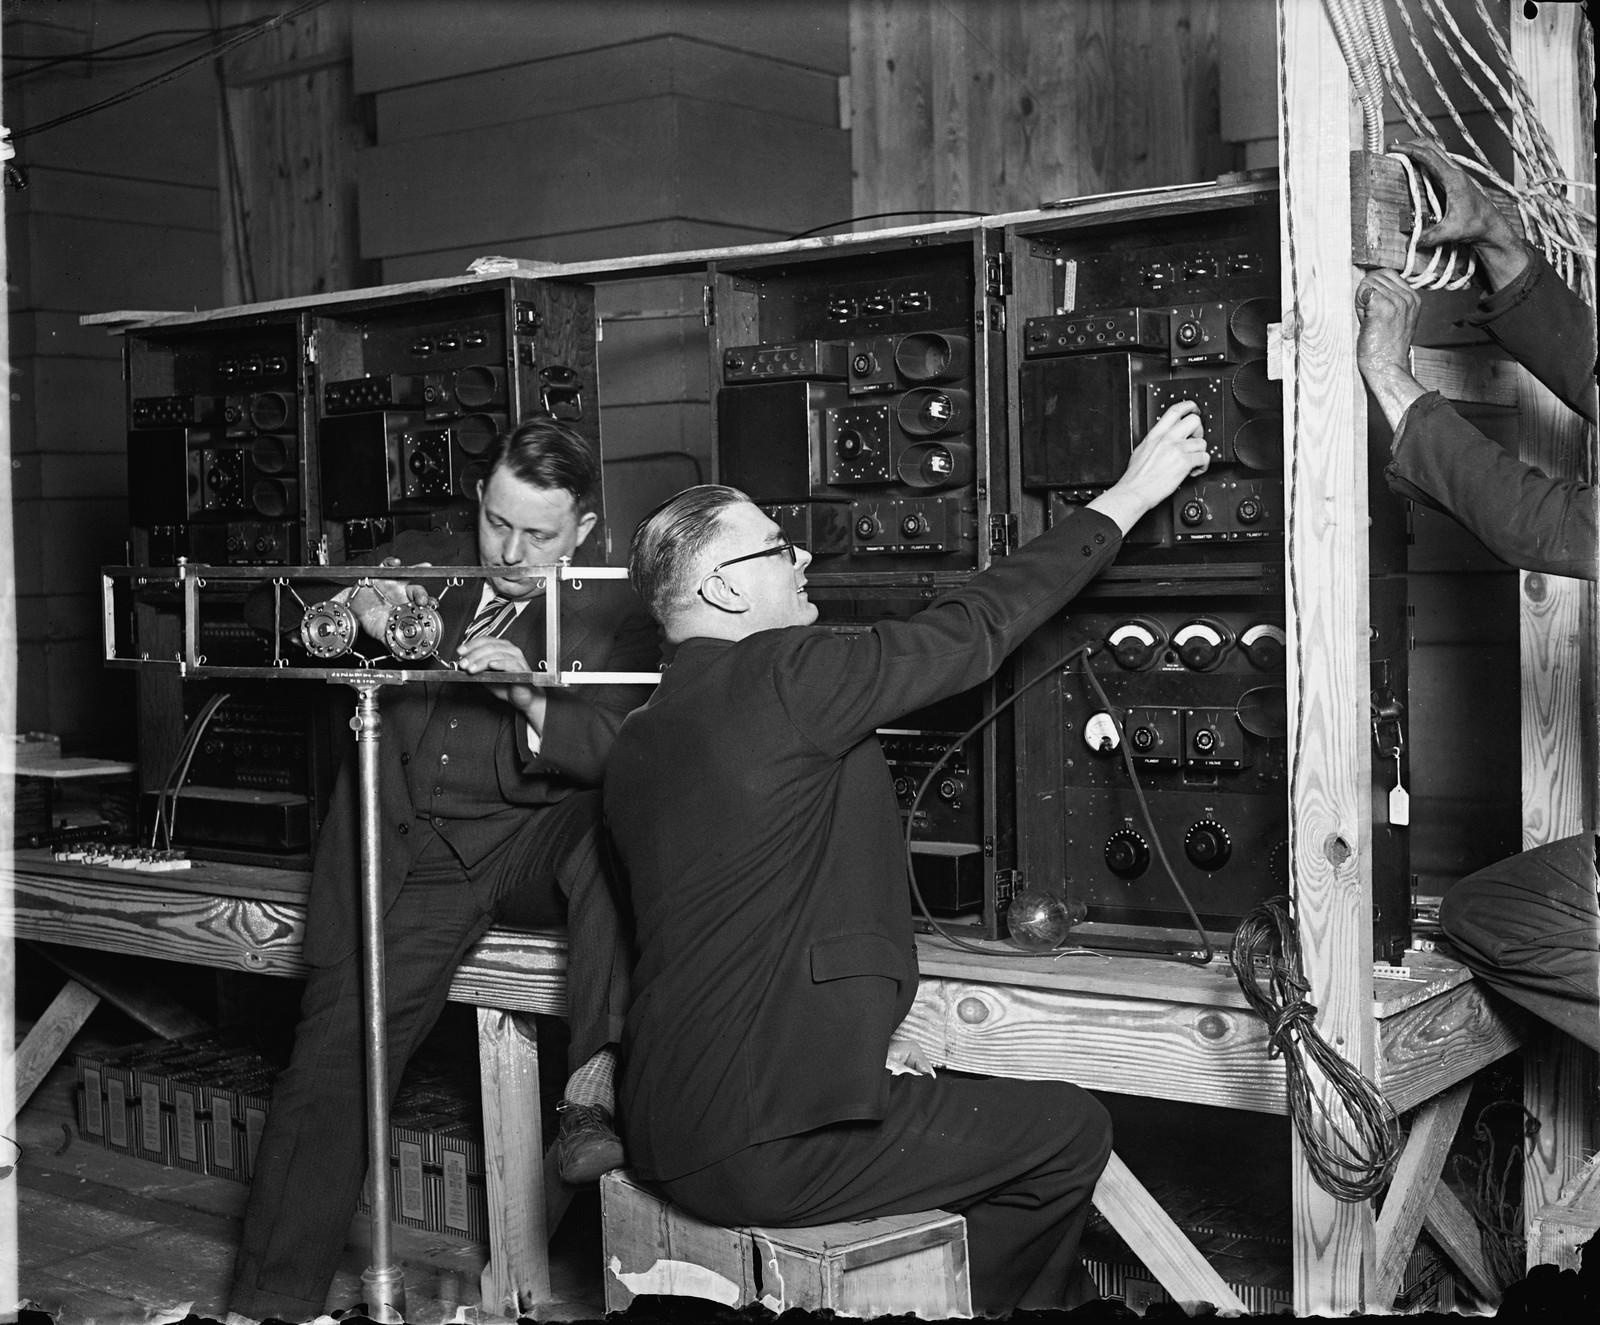 13. Проверка оборудования перед трансляций церемонии торжественного открытия Палестинской радиовещательной службы. 1 марта